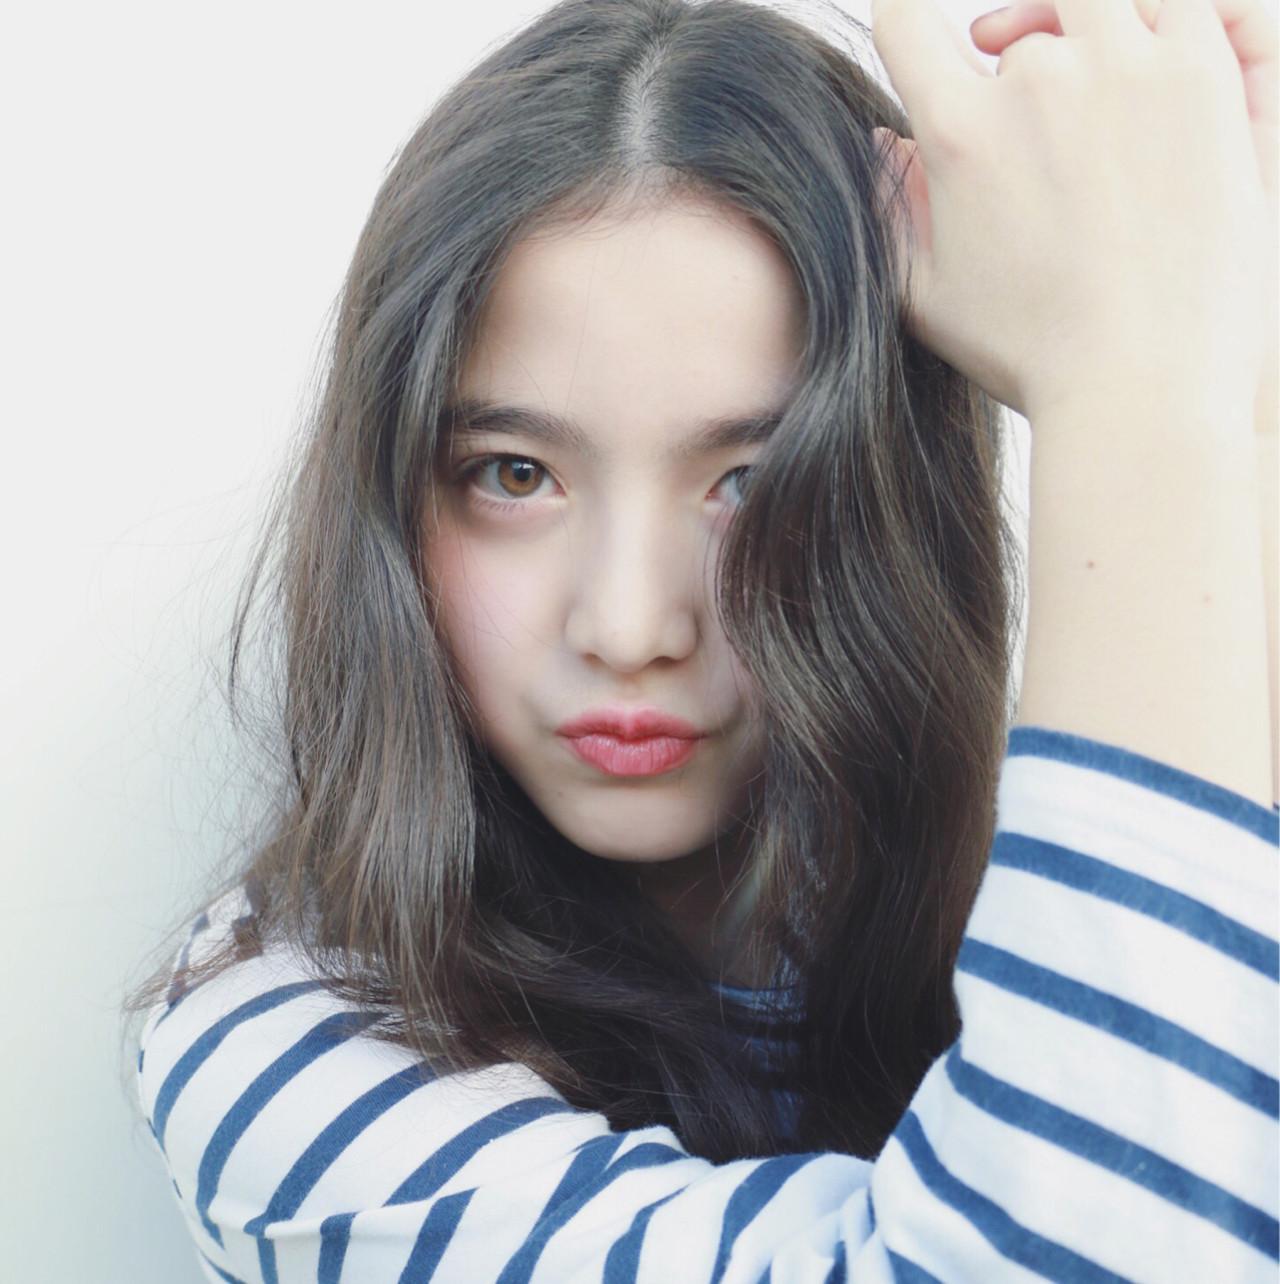 ナチュラル 外国人風カラー アッシュ ブルージュ ヘアスタイルや髪型の写真・画像 | 高橋 忍 / nanuk渋谷店(ナヌーク)